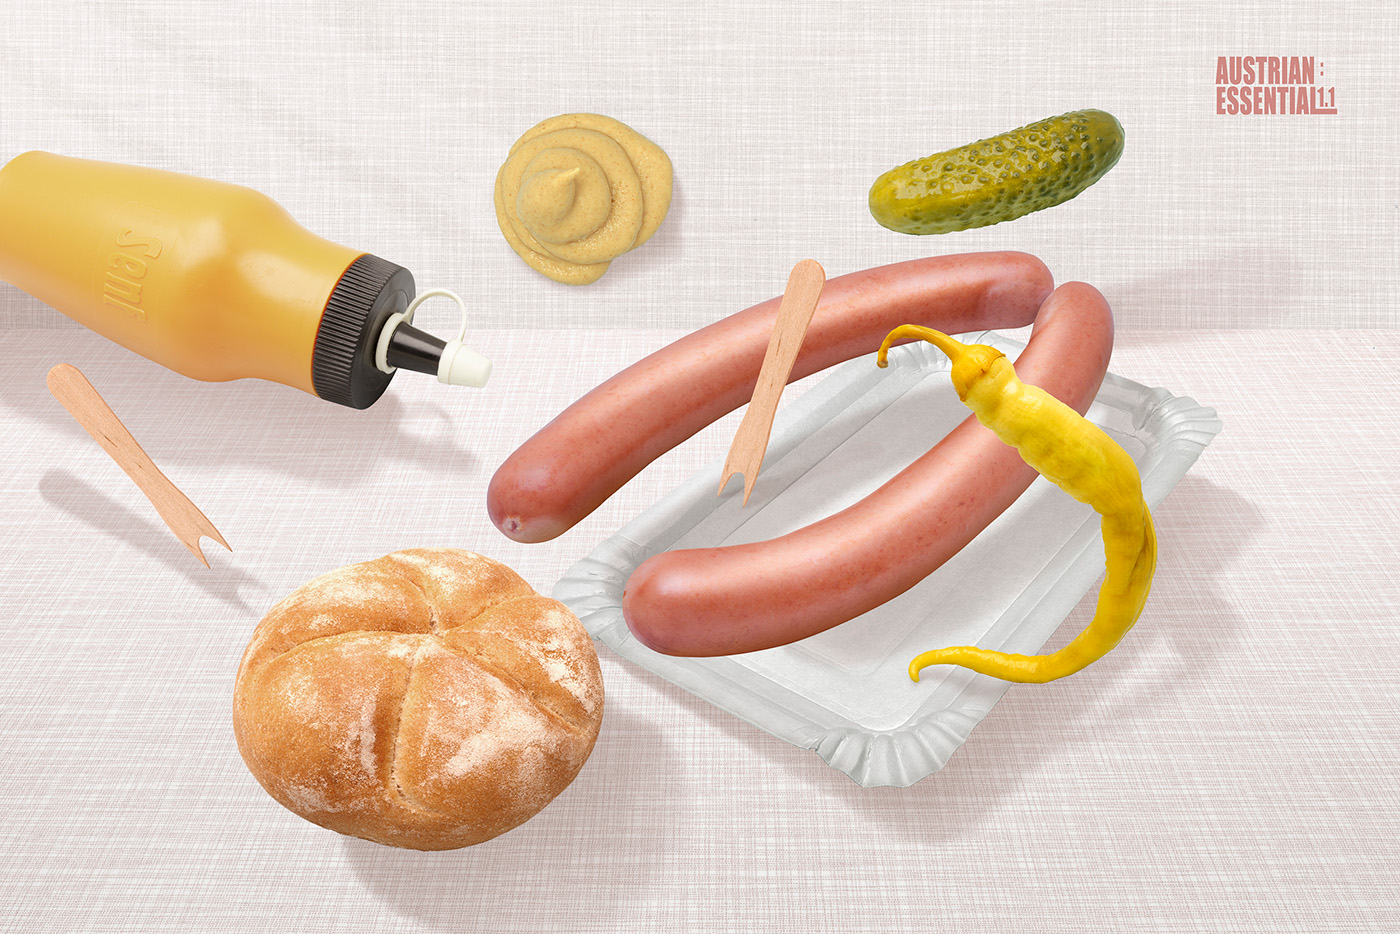 stillife stilleben Food  essen ILLUSTRATION  austria österreich